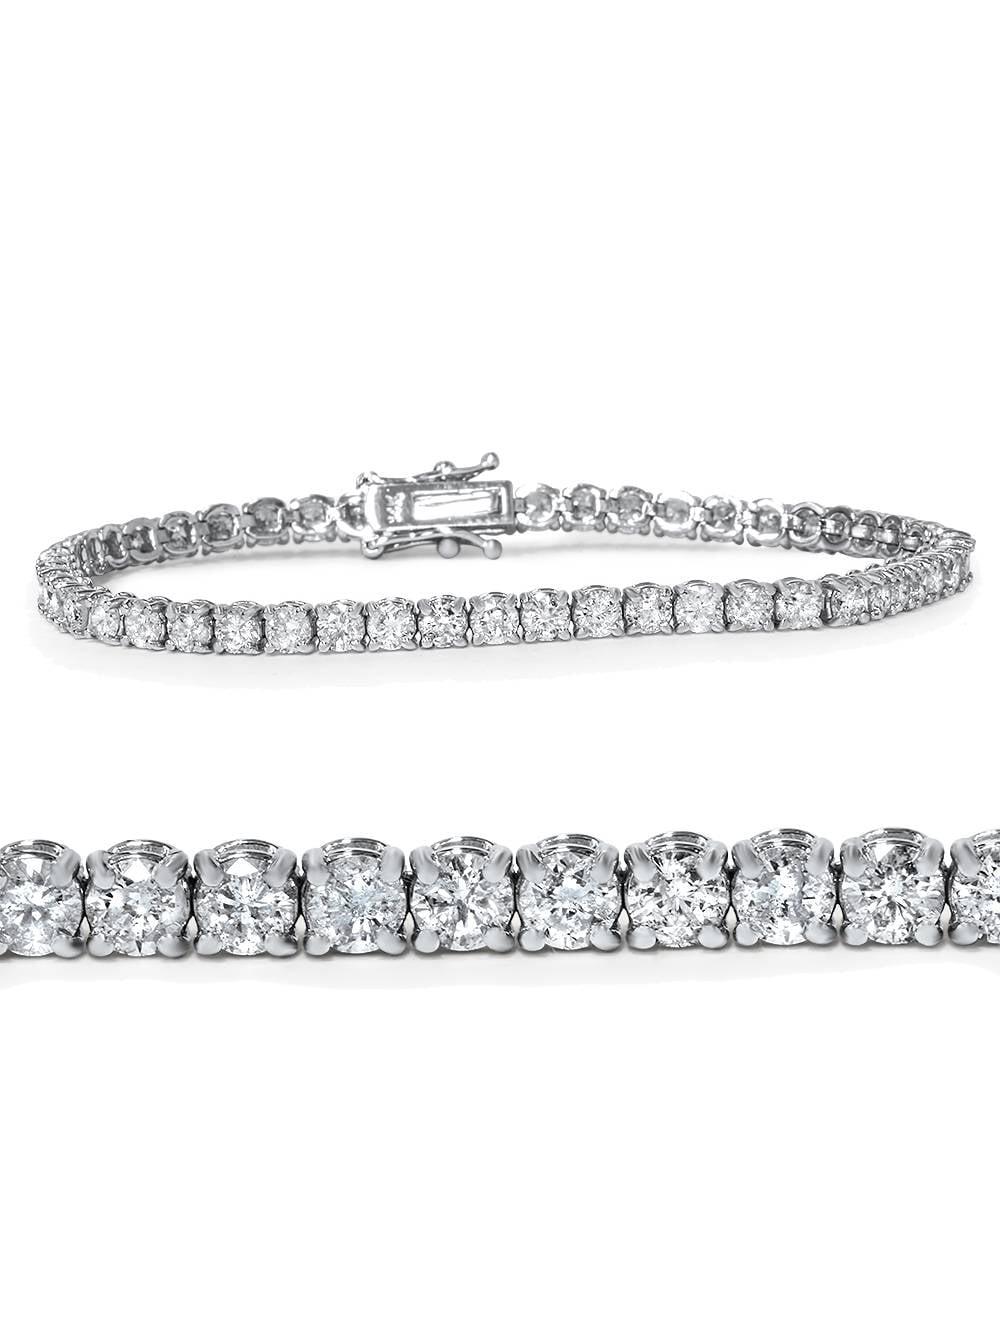 """4ct Diamond Tennis Bracelet 14K White Gold 7"""" by Pompeii3"""